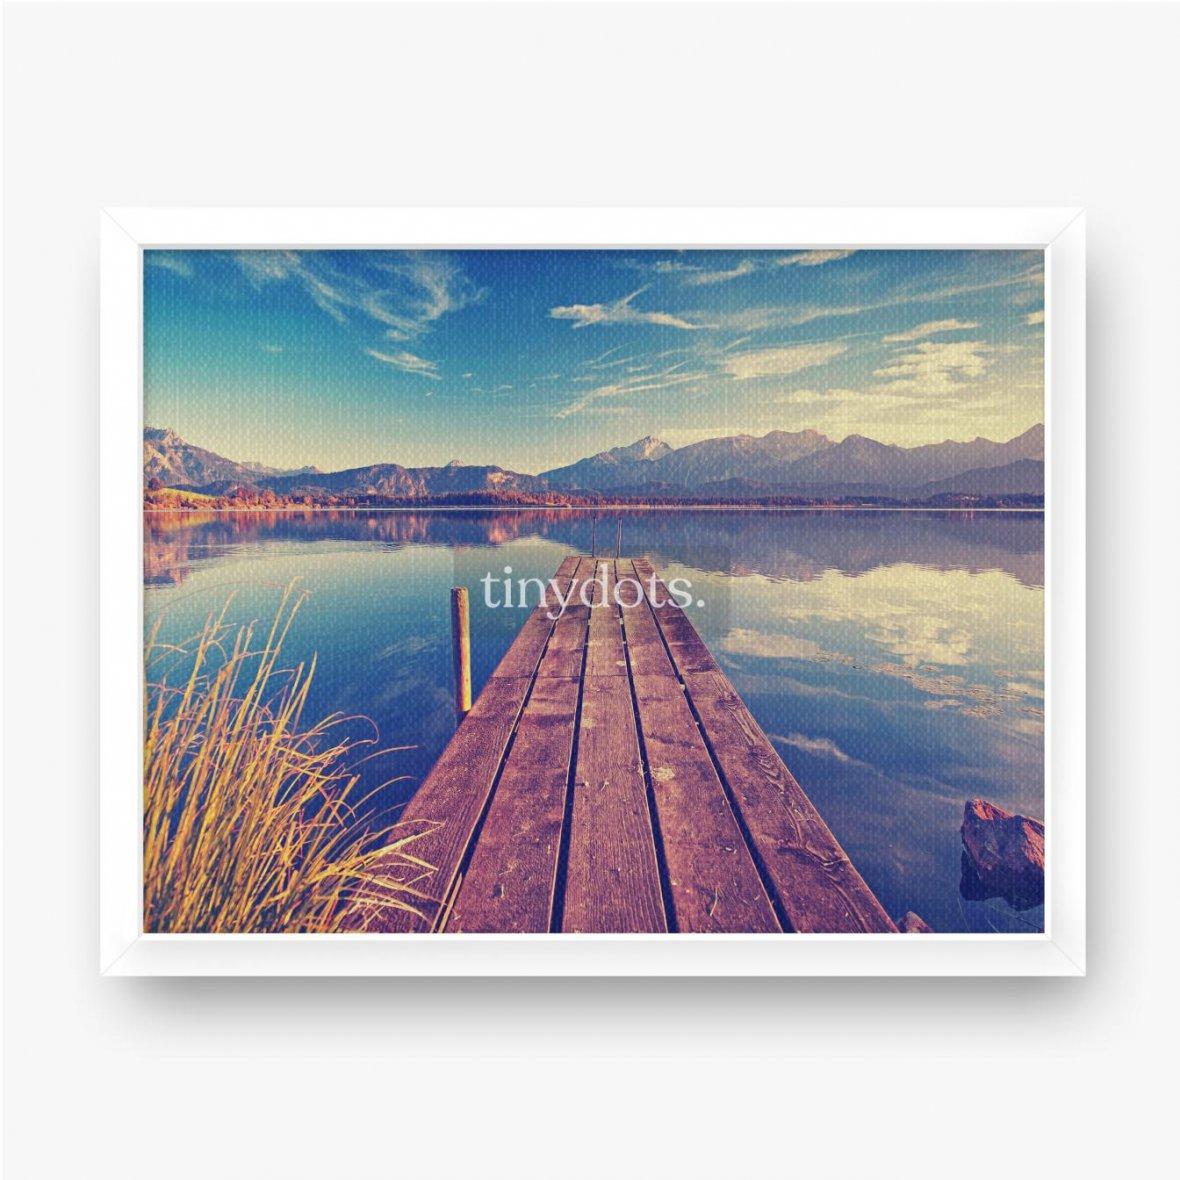 Gerahmte Leinwandbilder Pier über den See vor dem Hintergrund der Berge